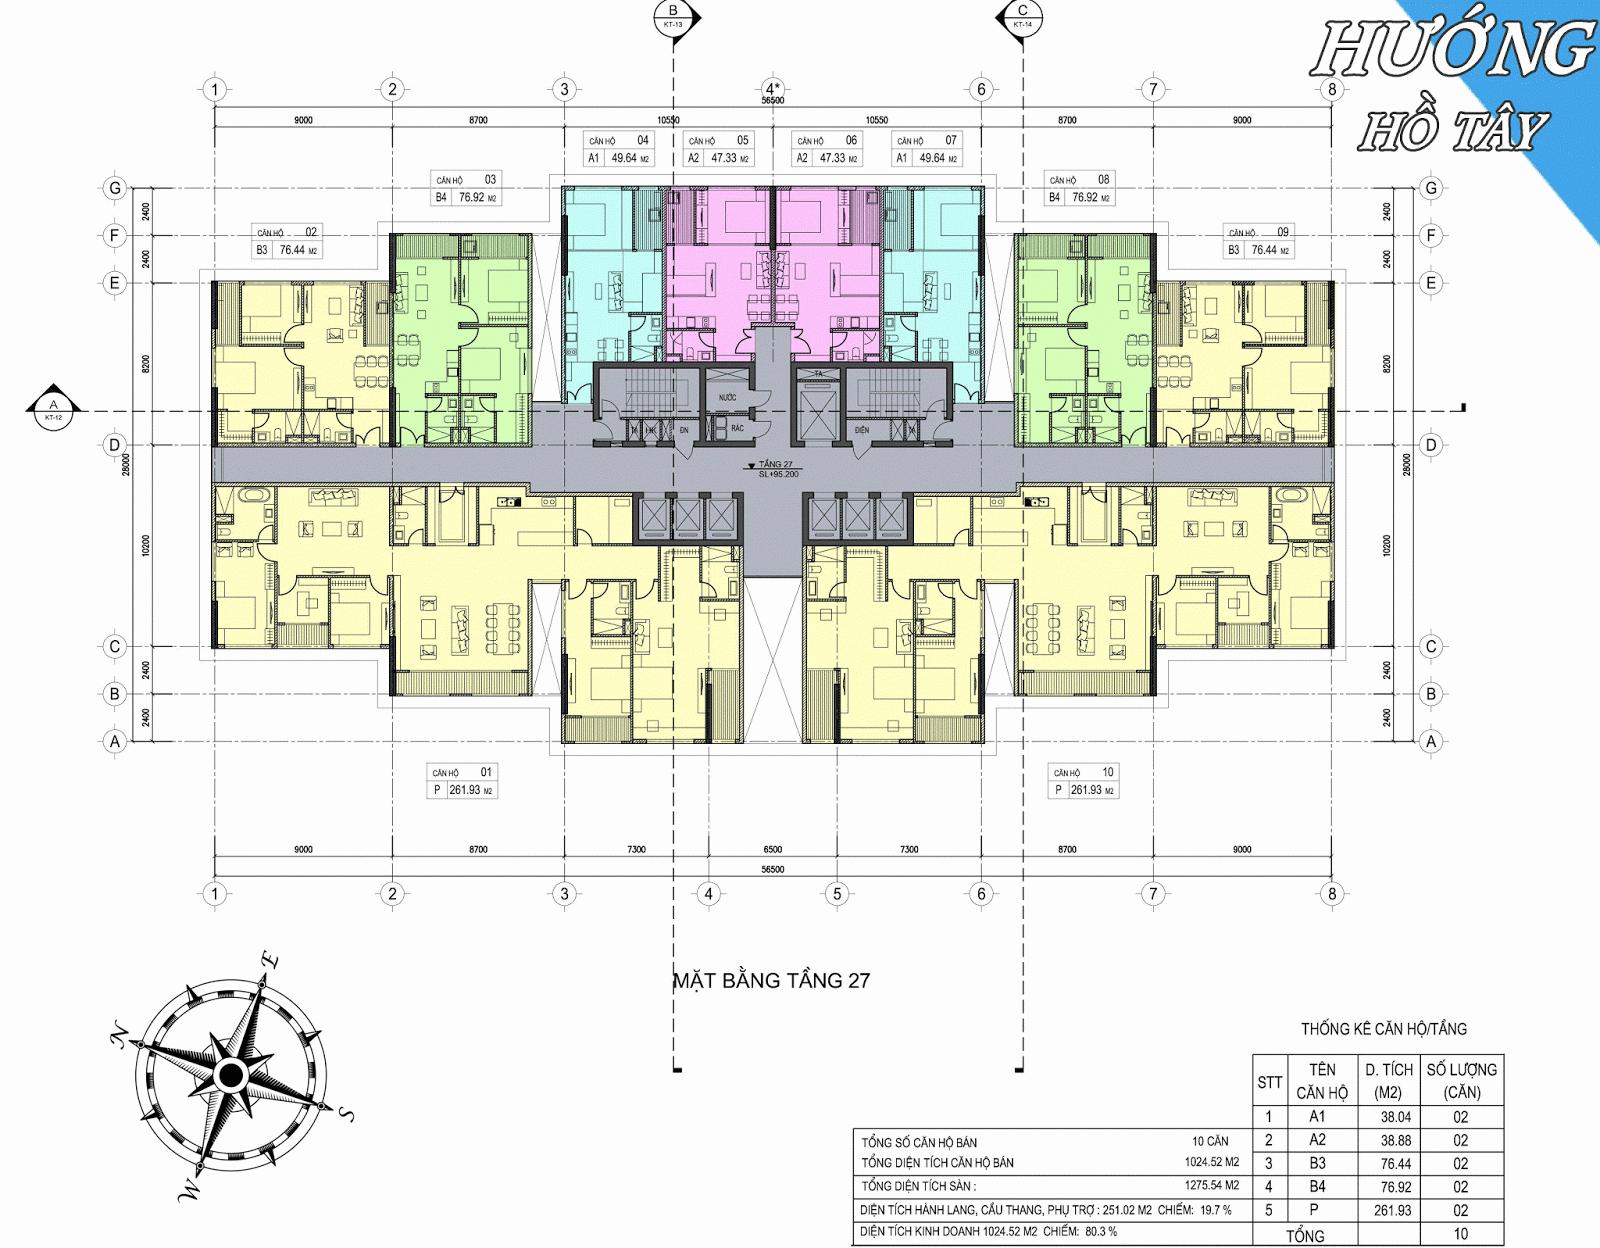 Mặt bằng tầng 27 dự án D'.el Dorado Phú Thanh Tân Hoàng Minh